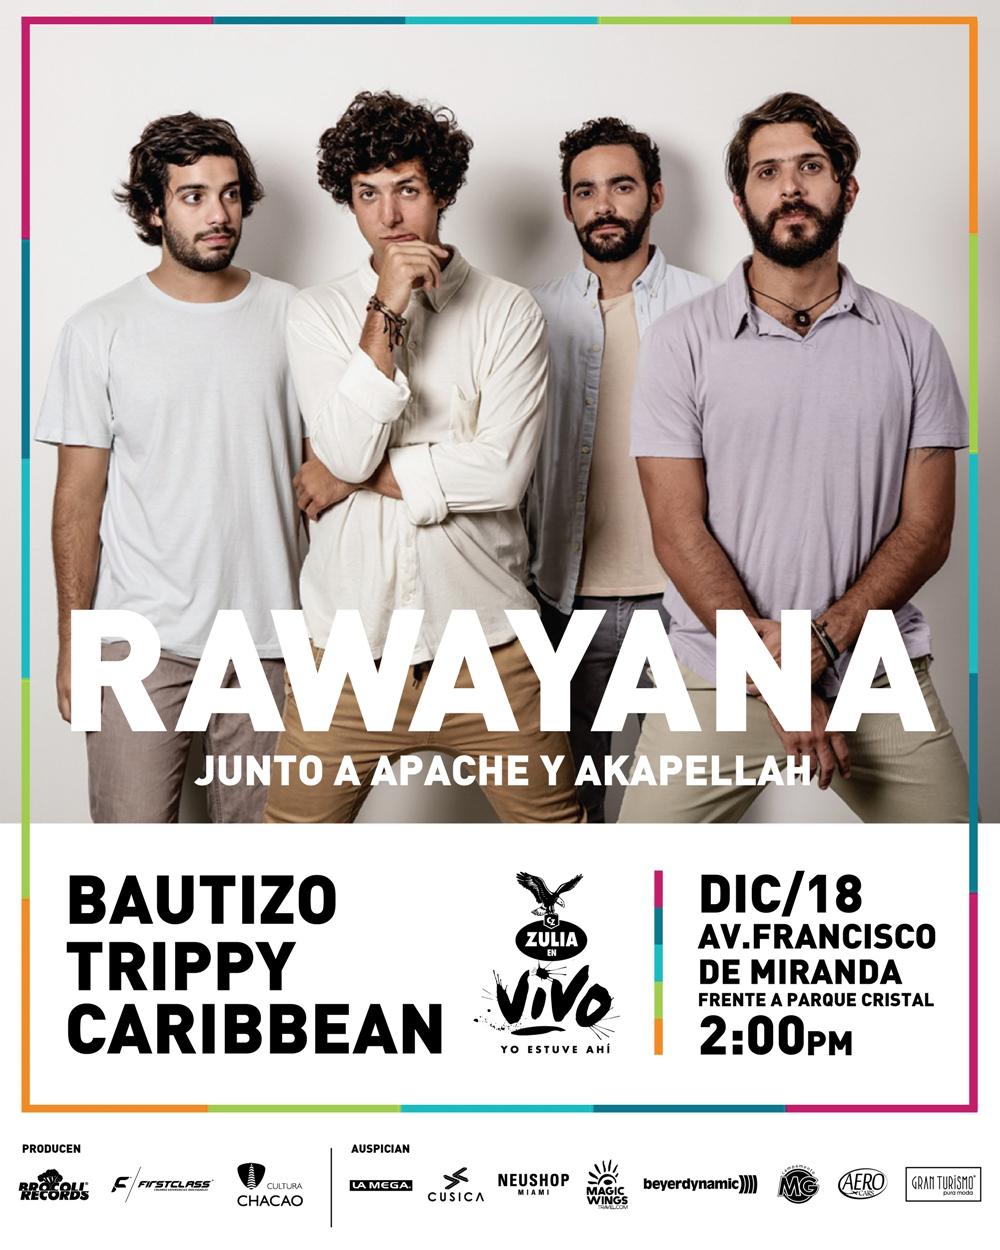 rawayana-3-caracas-flyer-01